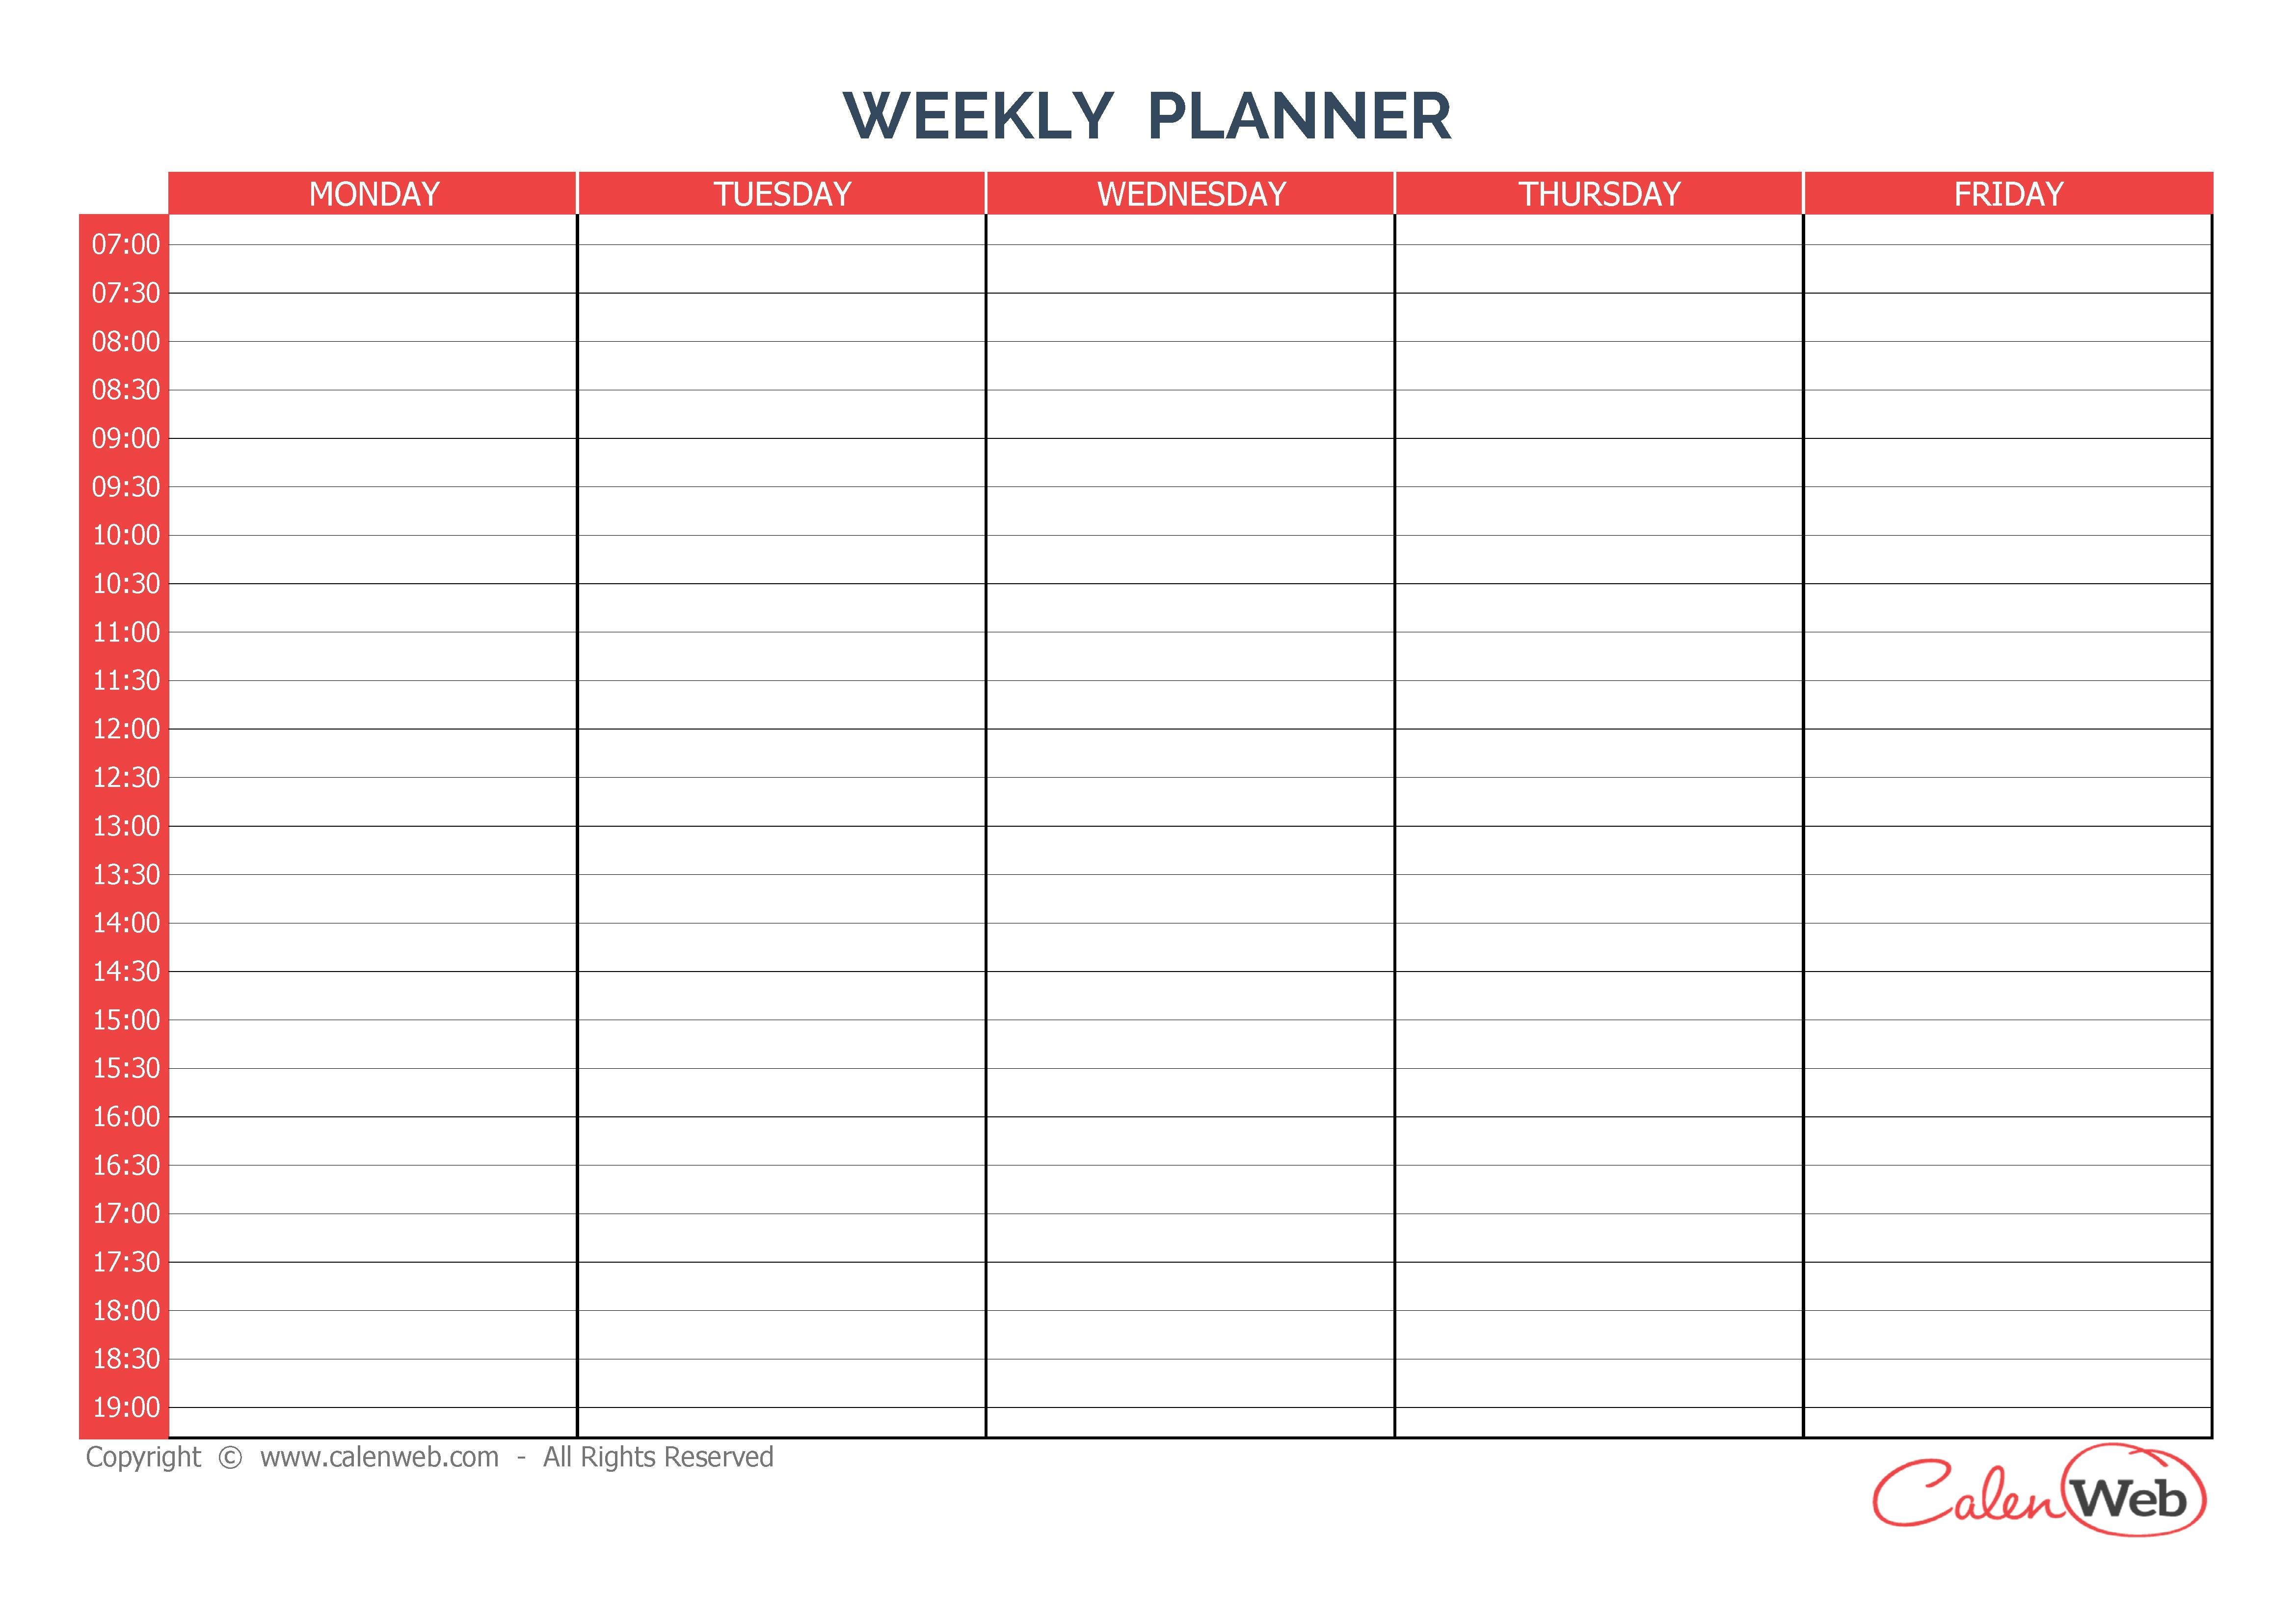 Weekly Calendar | Free Download Best Weekly Calendar On